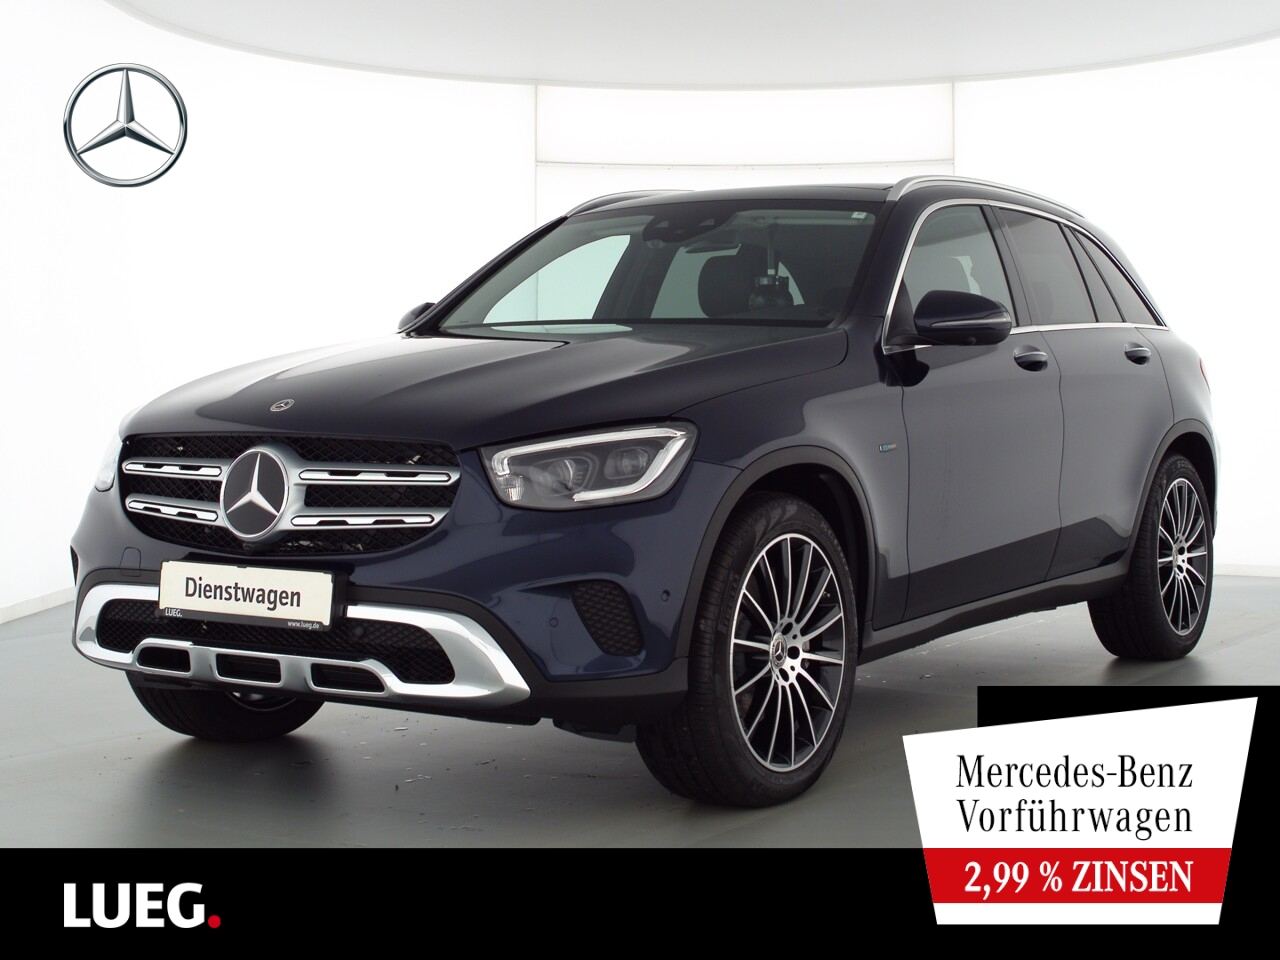 Mercedes-Benz GLC 300 e 4M AIRMATIC+HUD+PANO+20''-AMG+360+NP85, Jahr 2021, Hybrid